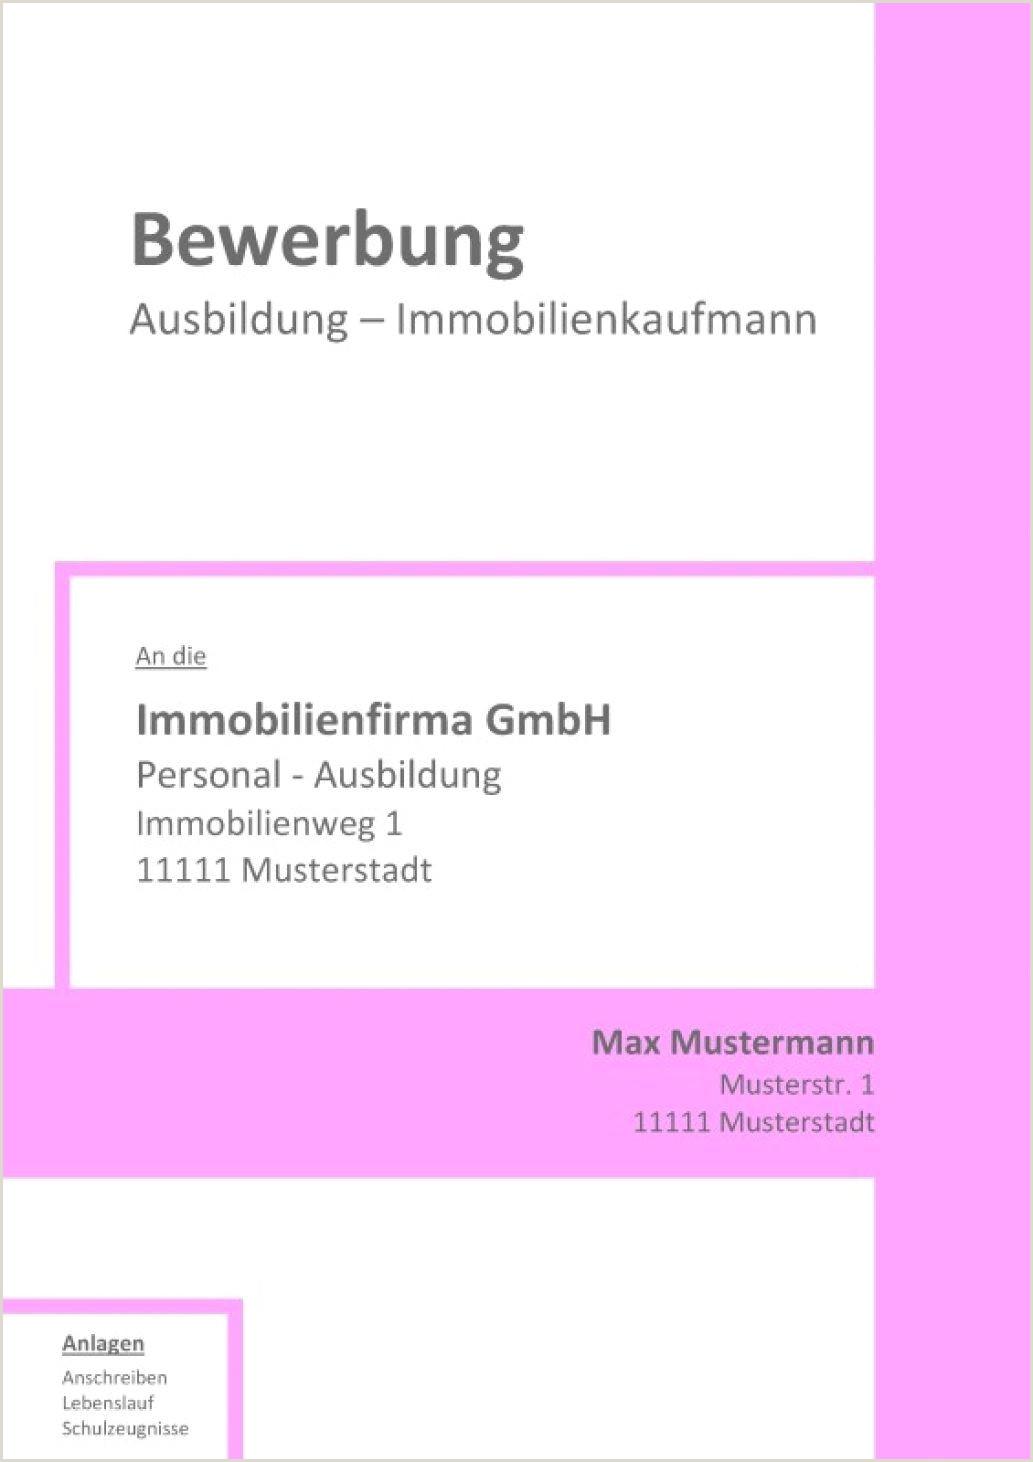 Ausbildung Muster Deckblatt Bewerbung Ohne 44 Vorlage Für